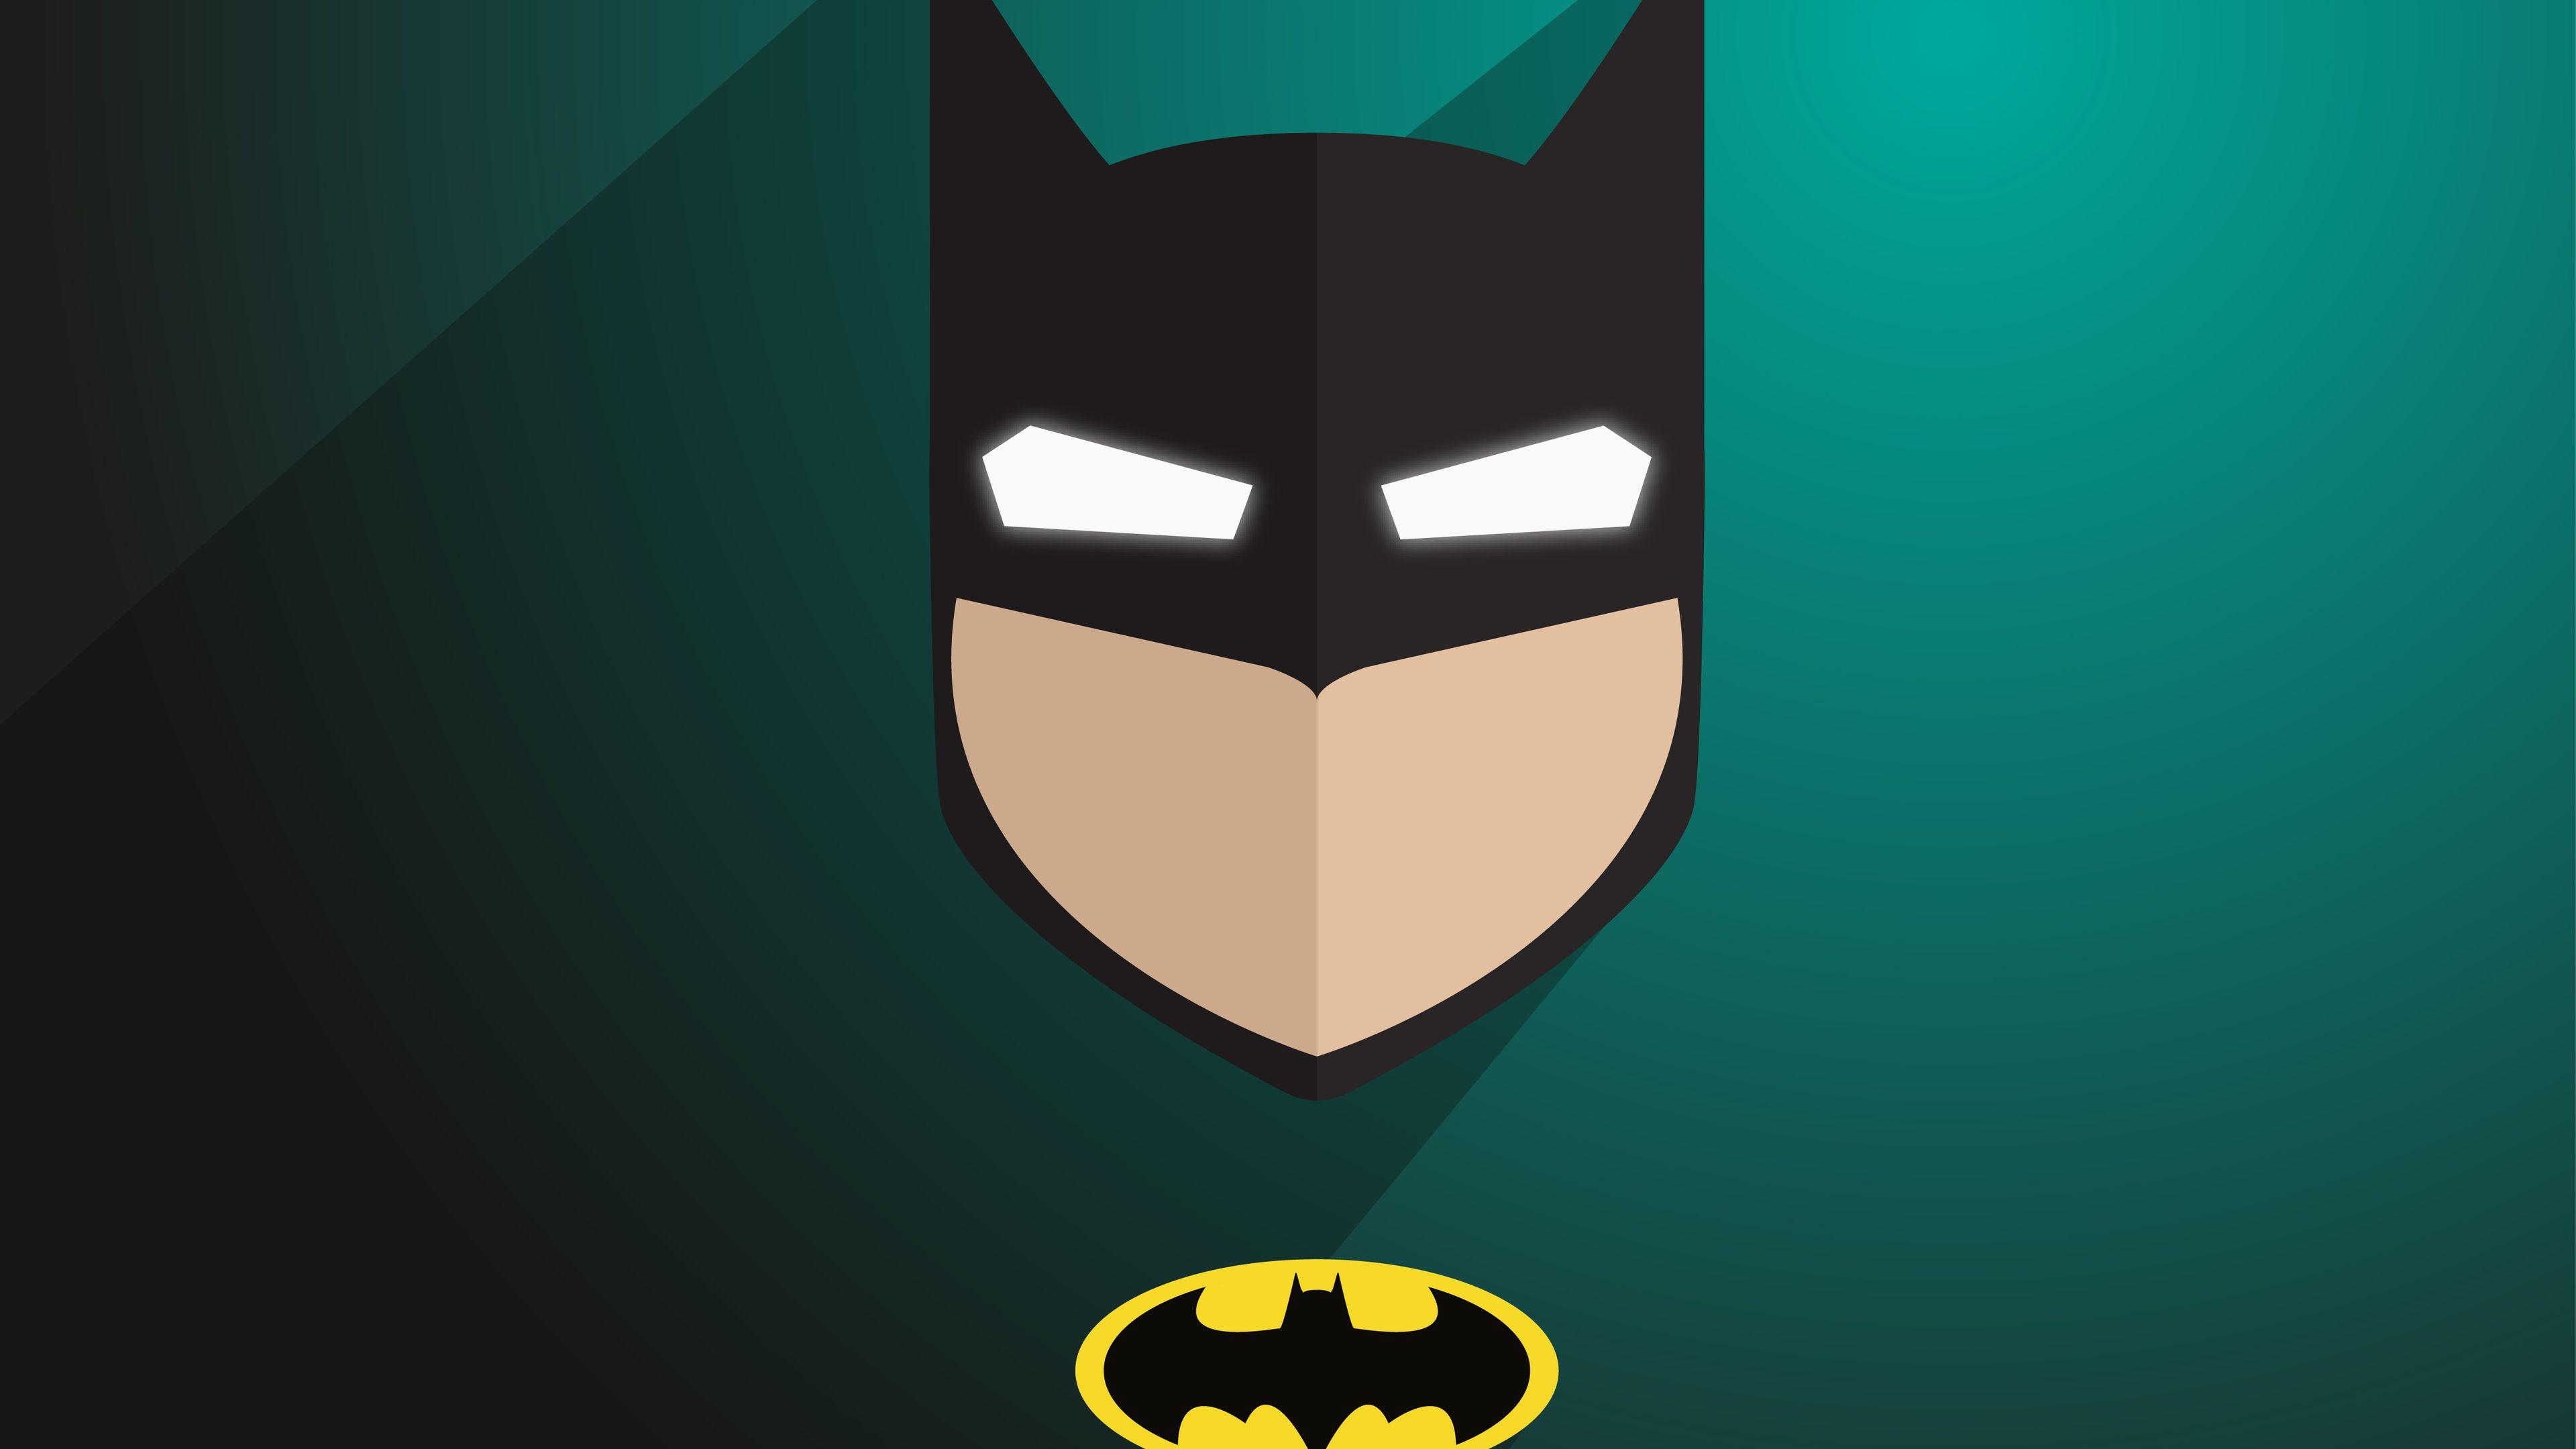 Batman Minimalism 4k Superheroes Wallpapers Minimalism Wallpapers Hd Wallpapers Batman Wallpapers 4k Wallpapers Batman Wallpaper Hero Wallpaper Batman